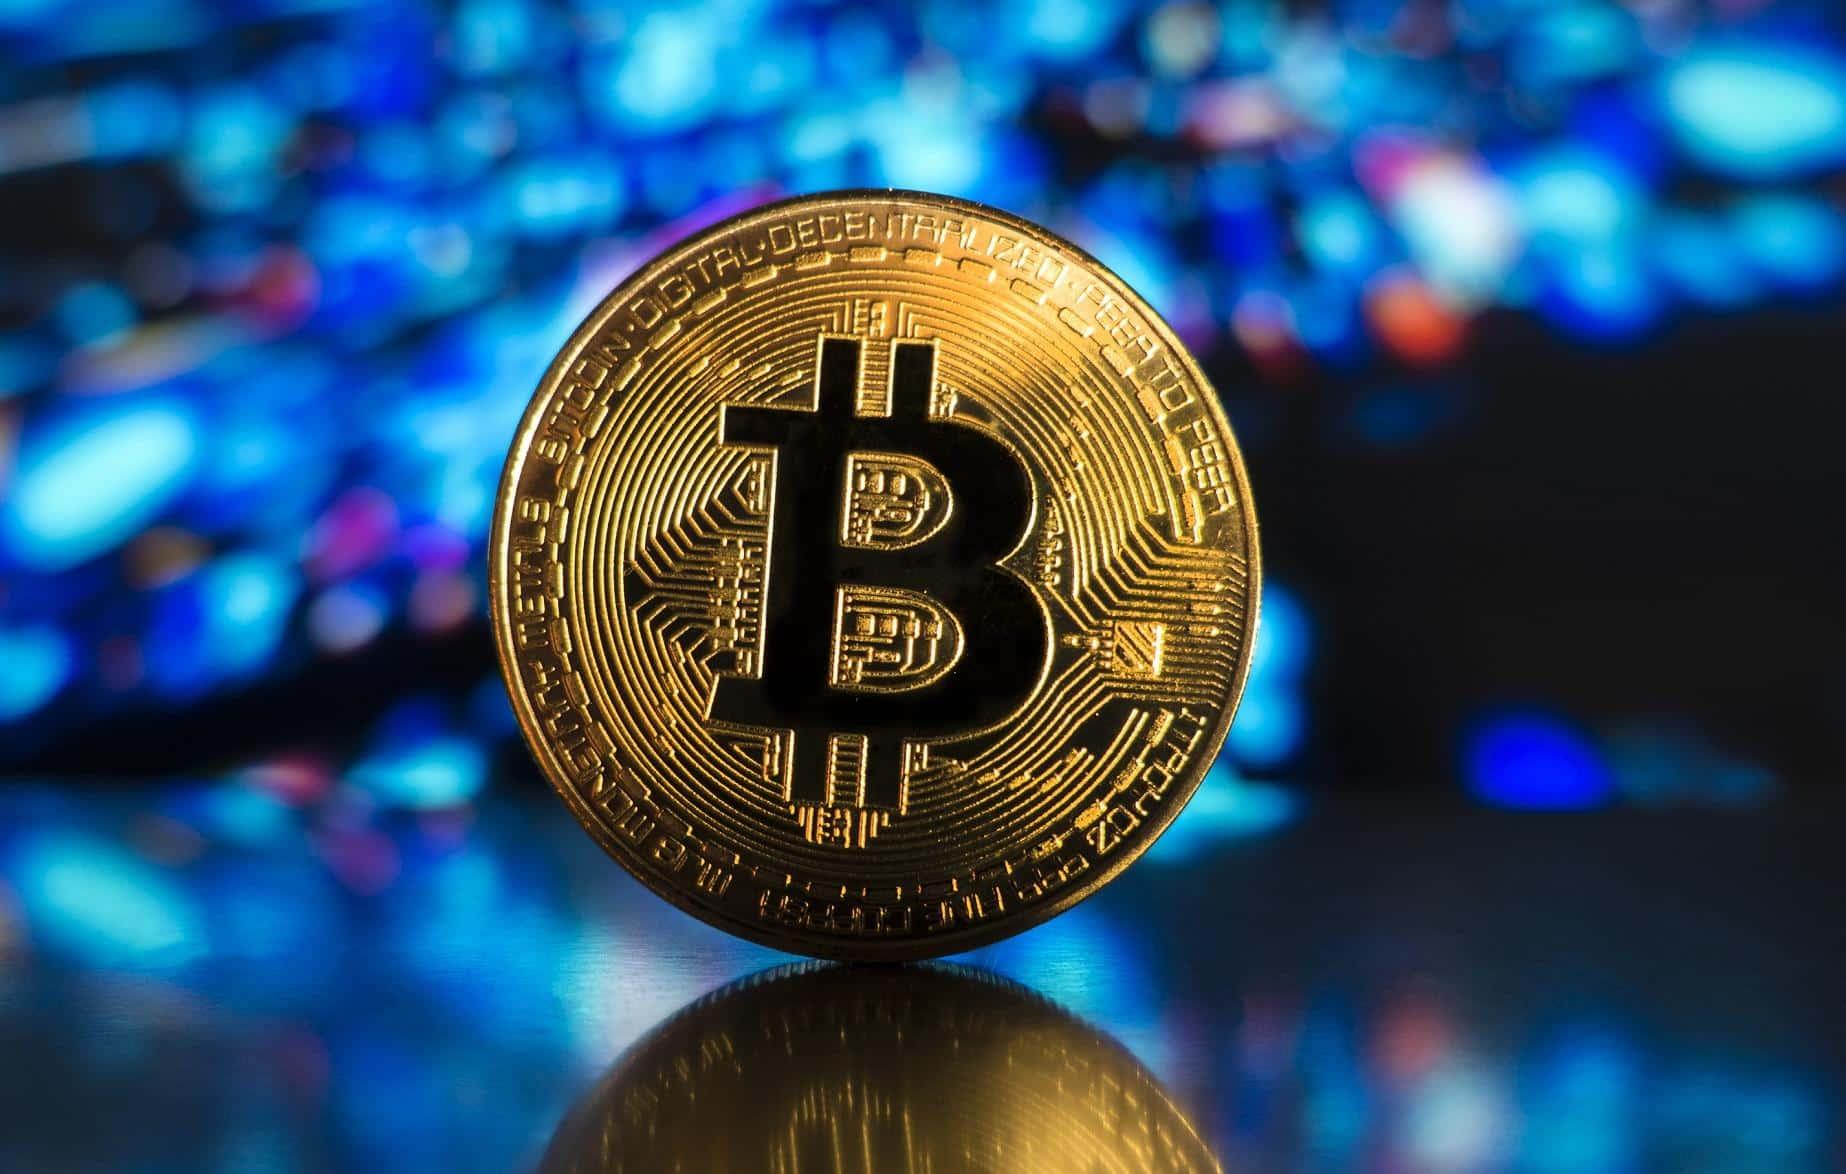 Traficante Perdeu Mais De R 250 Milhoes Em Bitcoin Por Esquecer Senhas Olhar Digital